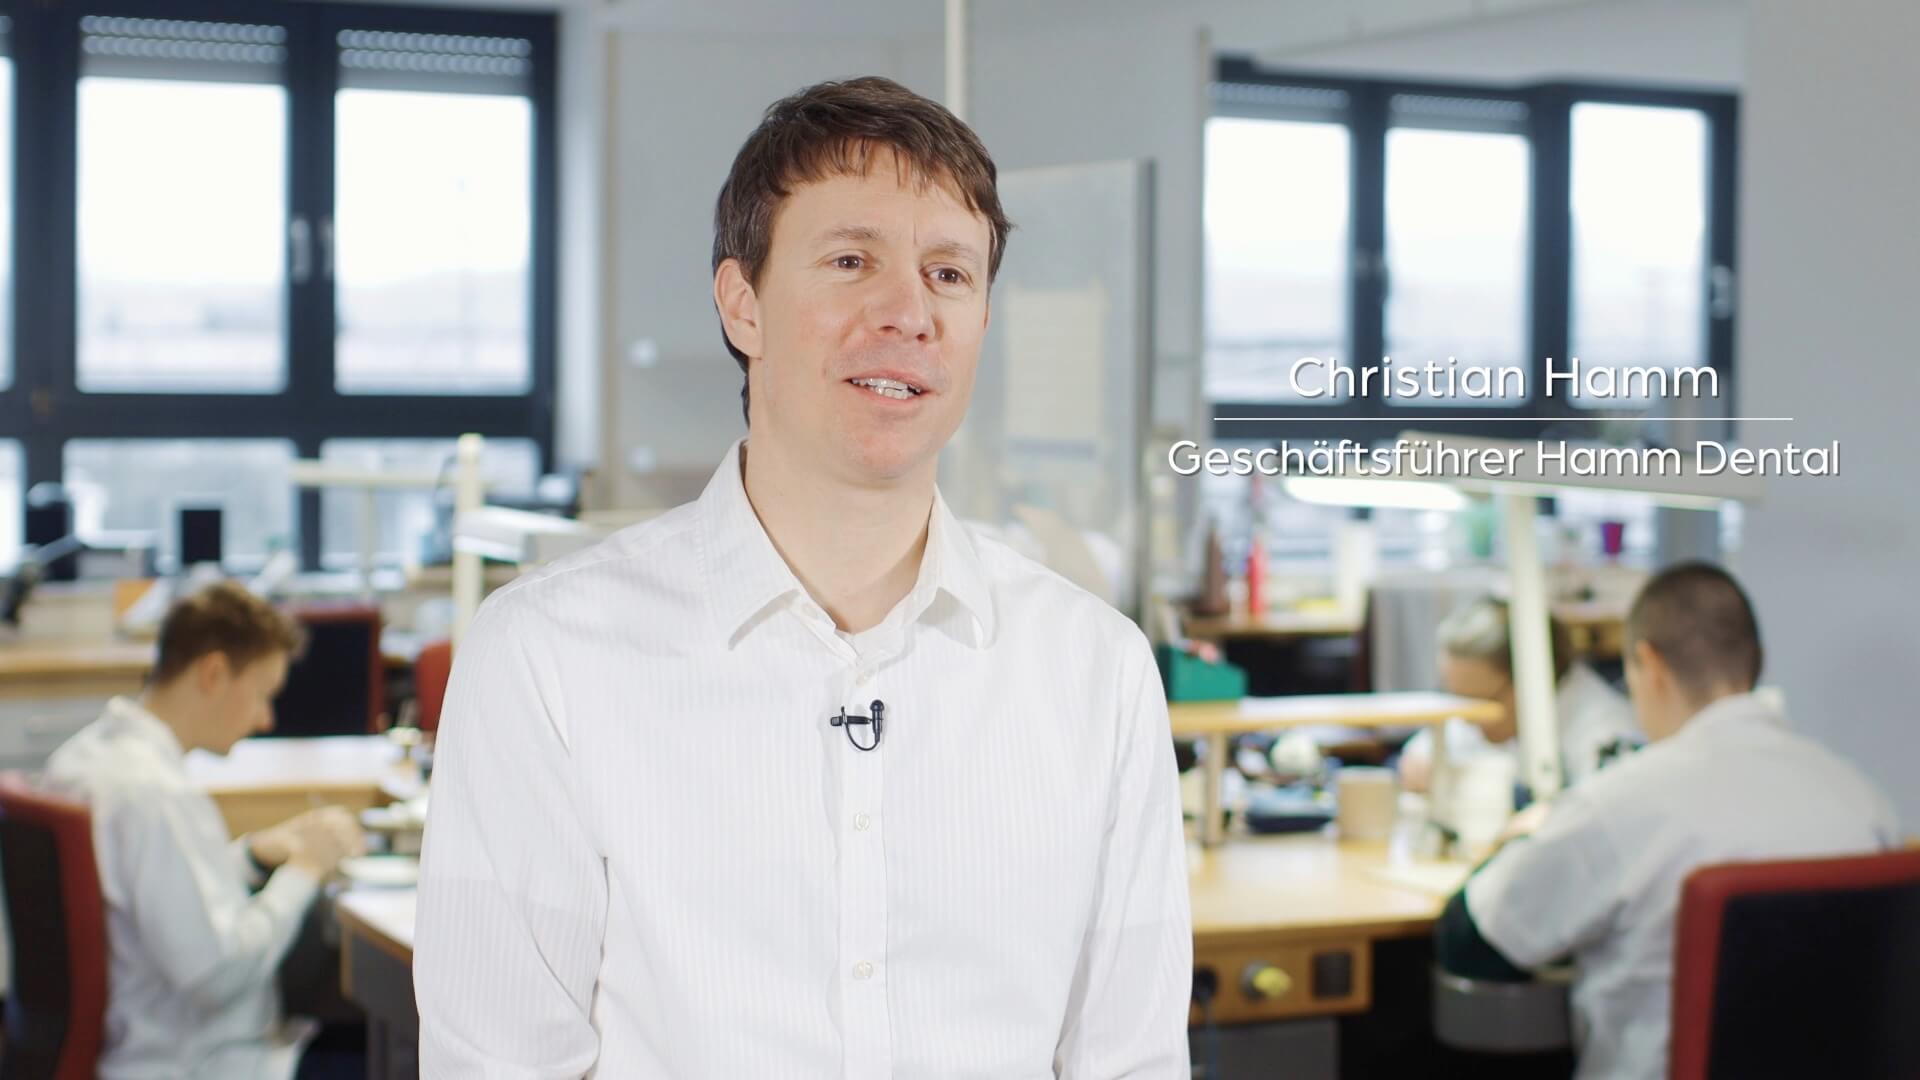 Christian Hamm - Zahntechnikermeister und Geschäftsführer von Hamm Dental